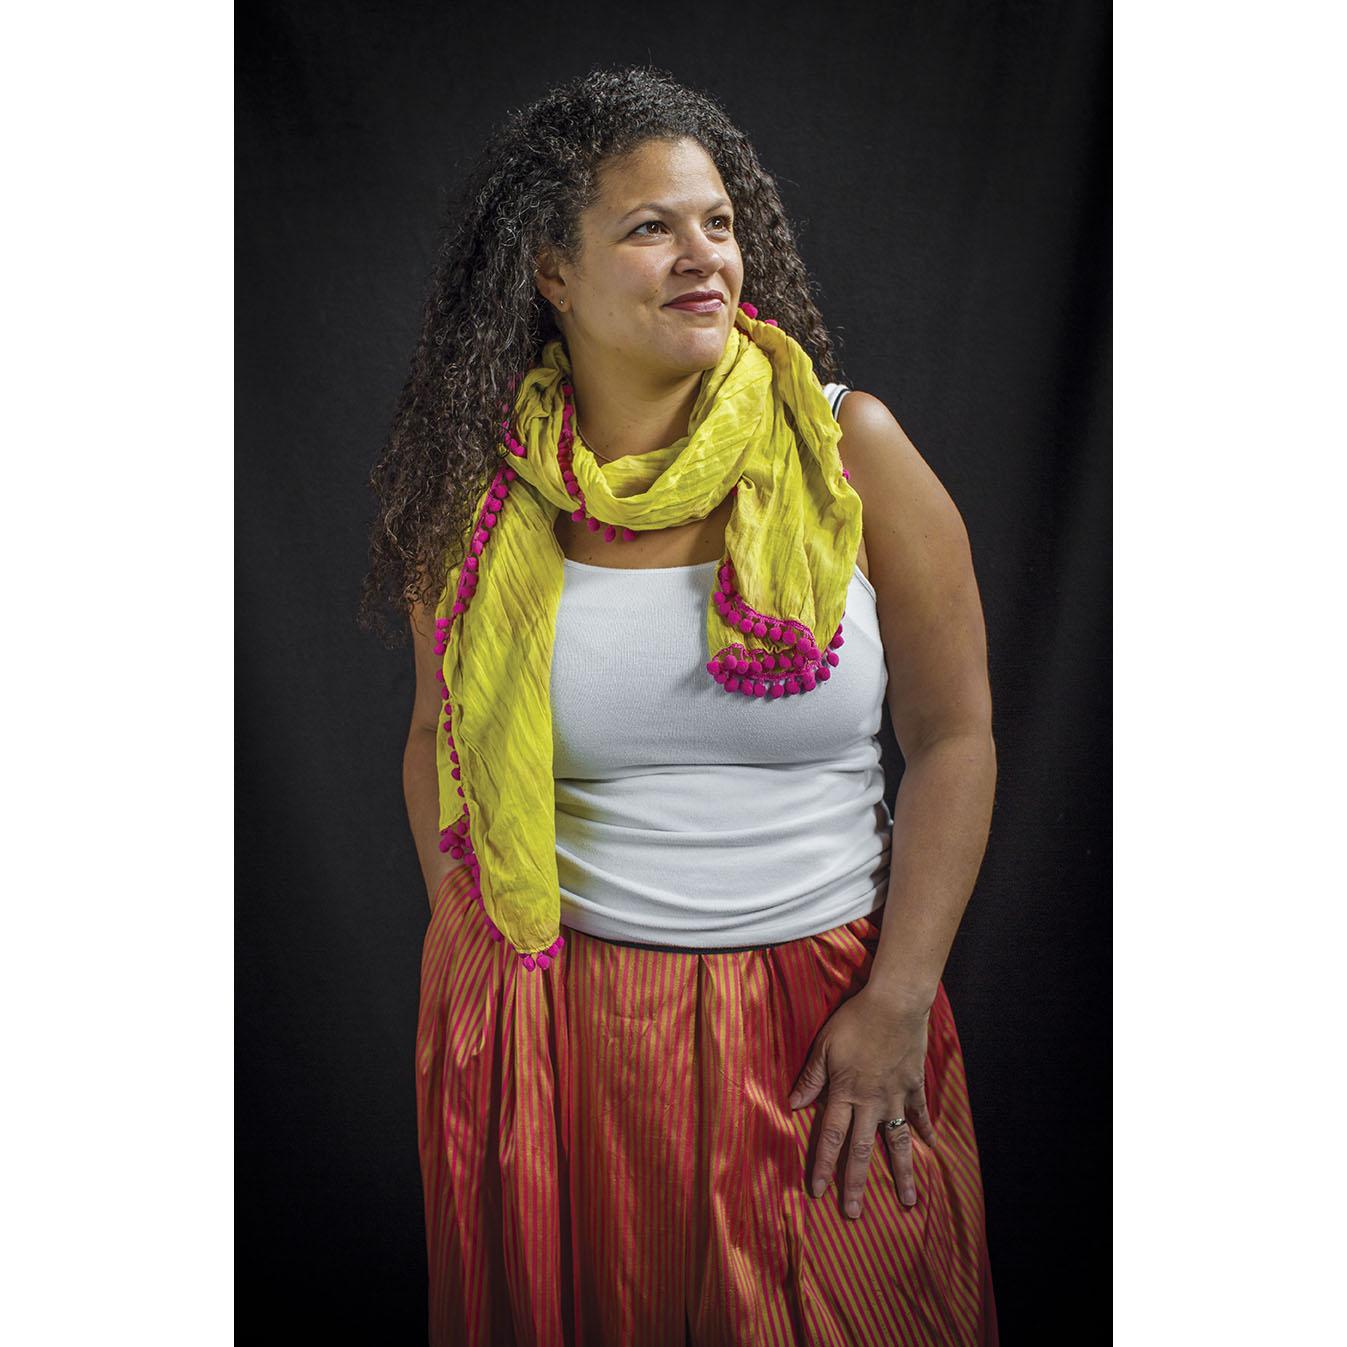 Jennifer Mancuso, Massachusetts Portrait by Lori Pedrick